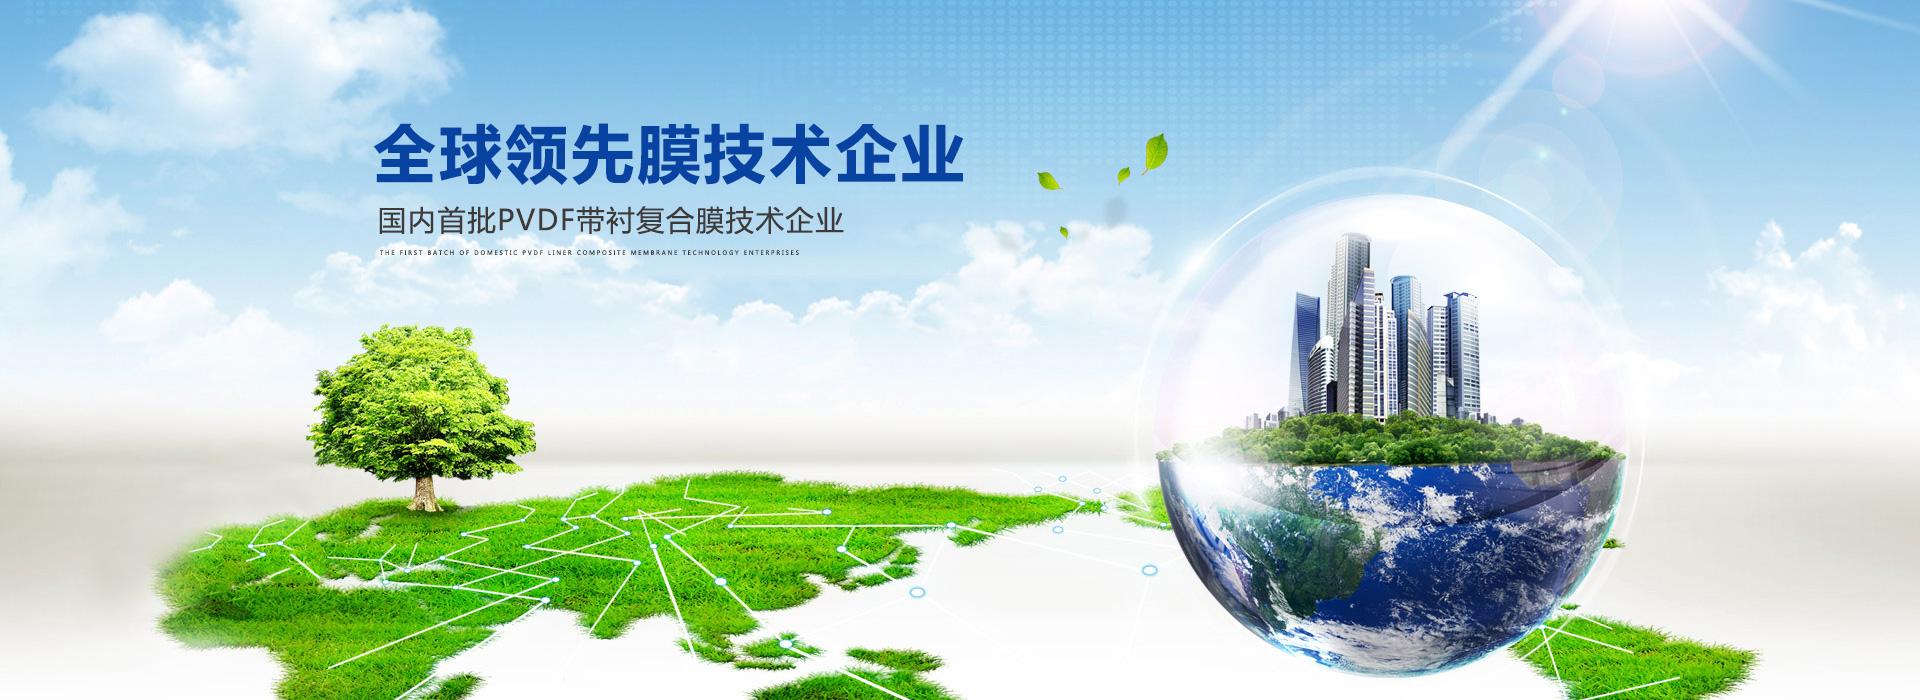 MBR膜,超滤膜厂家,净水滤芯